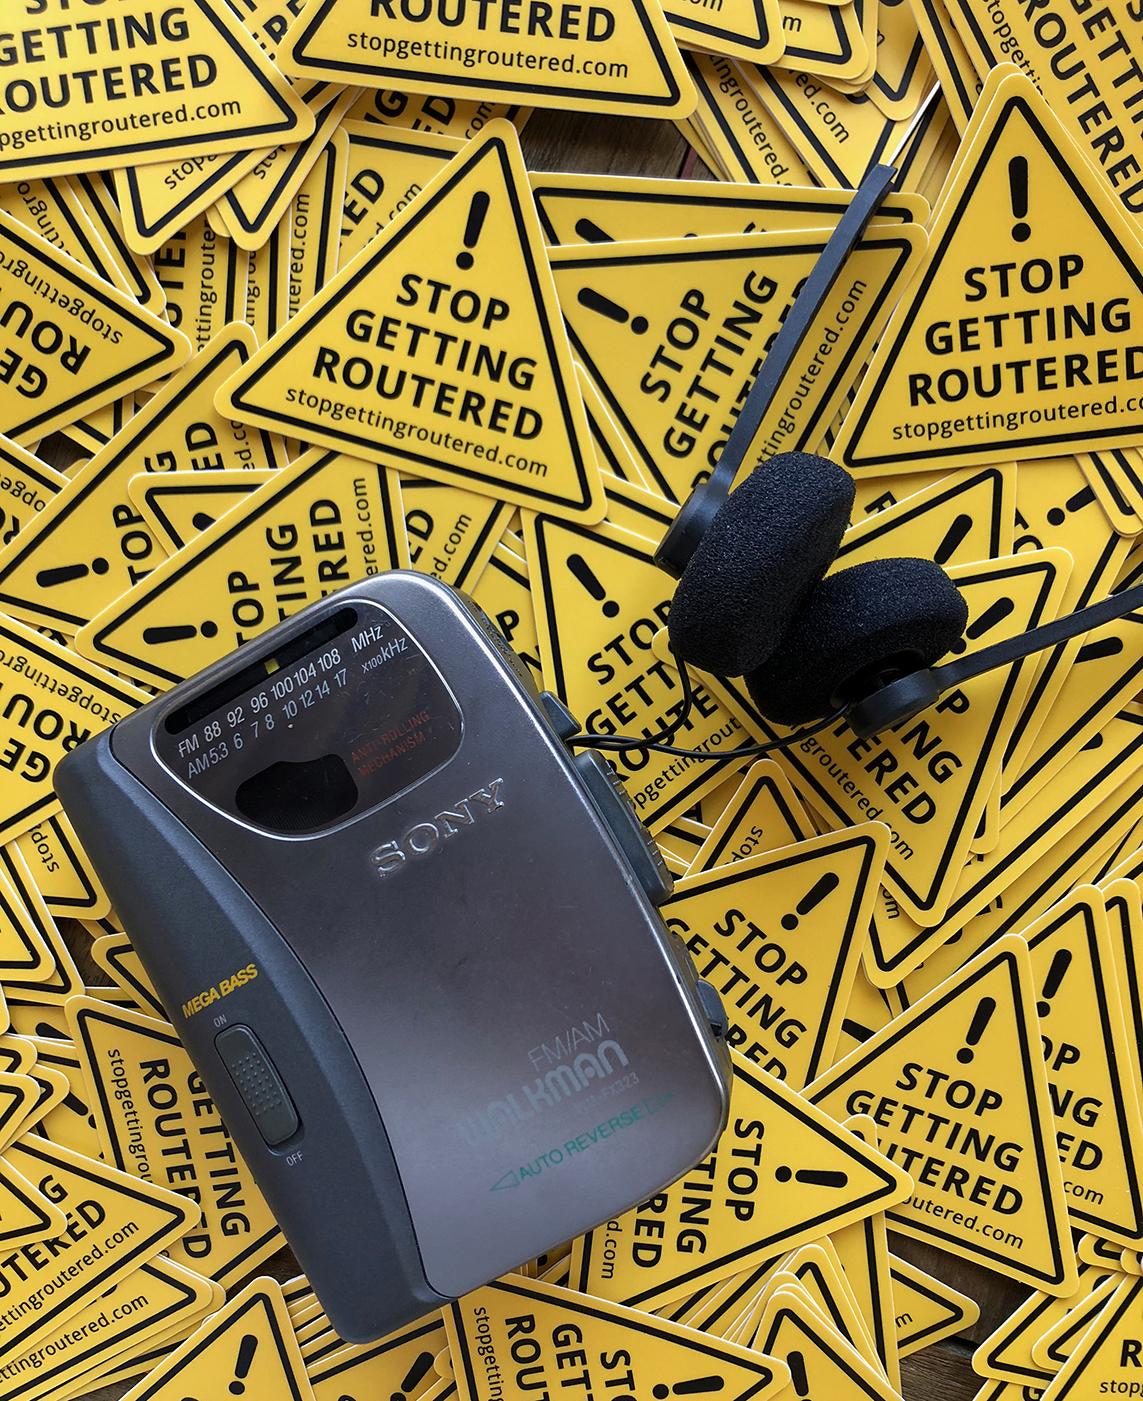 003 Silverpeak Directmail Walkman